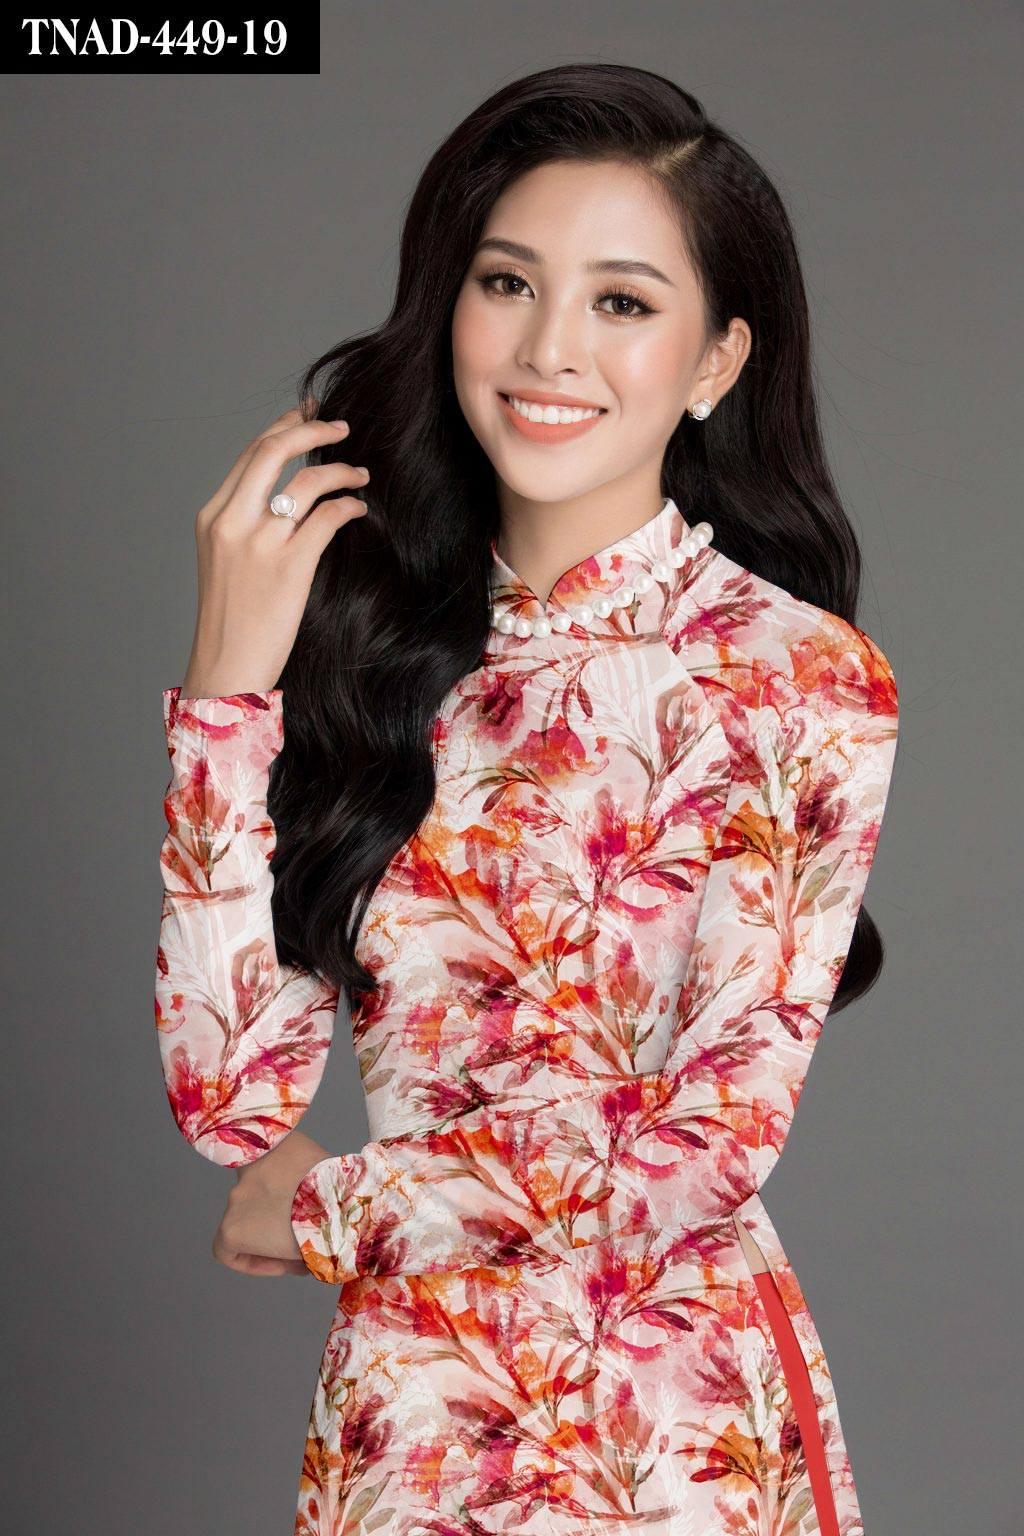 Vải áo dài hoa đẹp mới ra AD TNAD 449